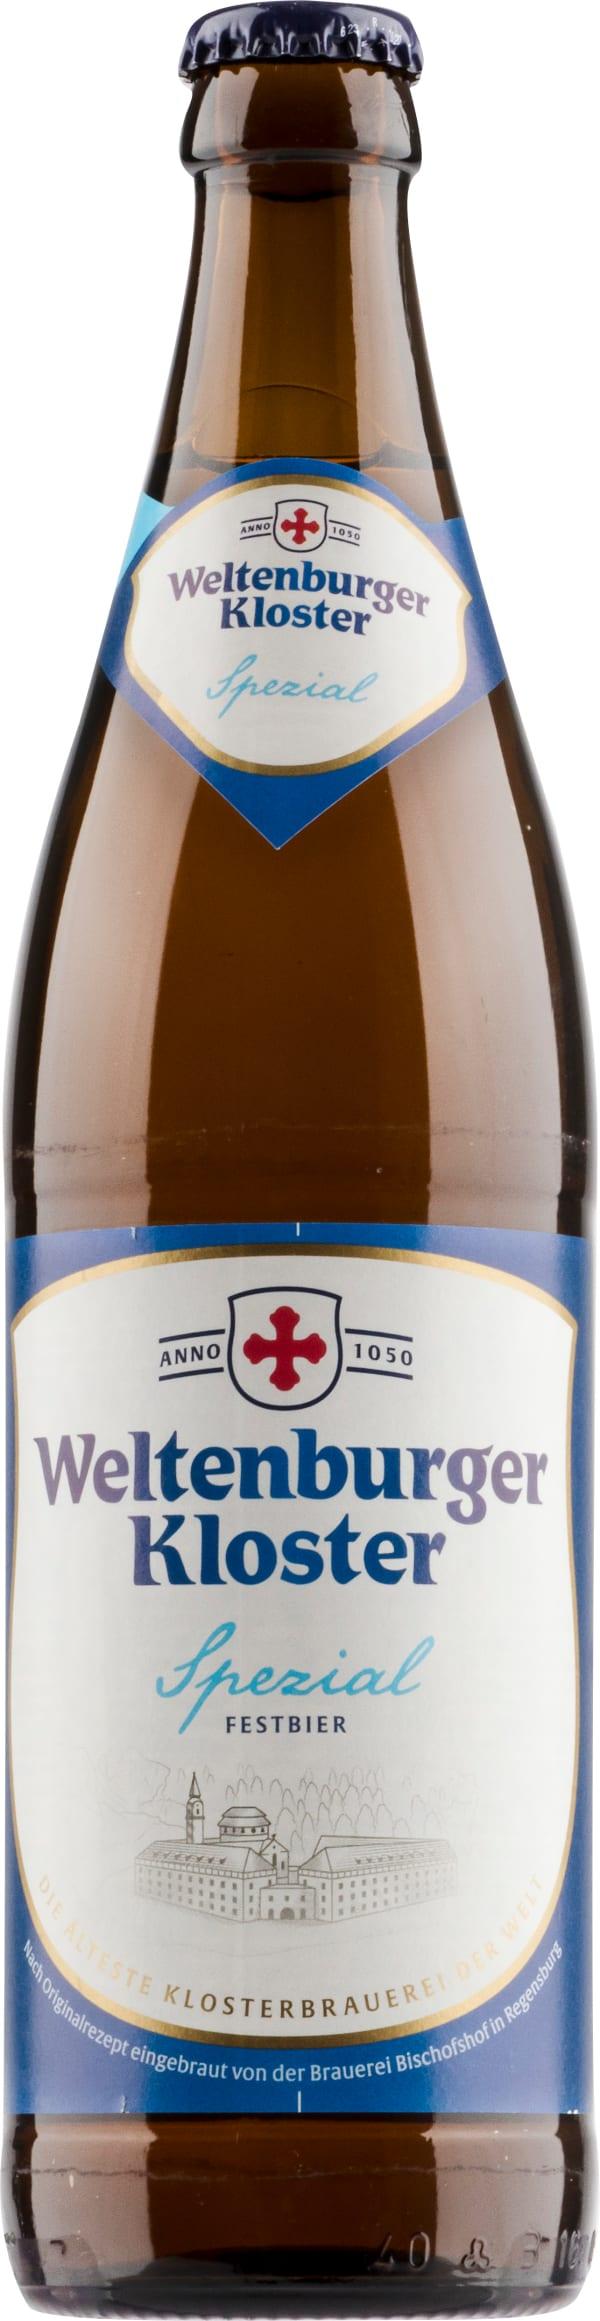 Weltenburger Kloster Spezial Festbier